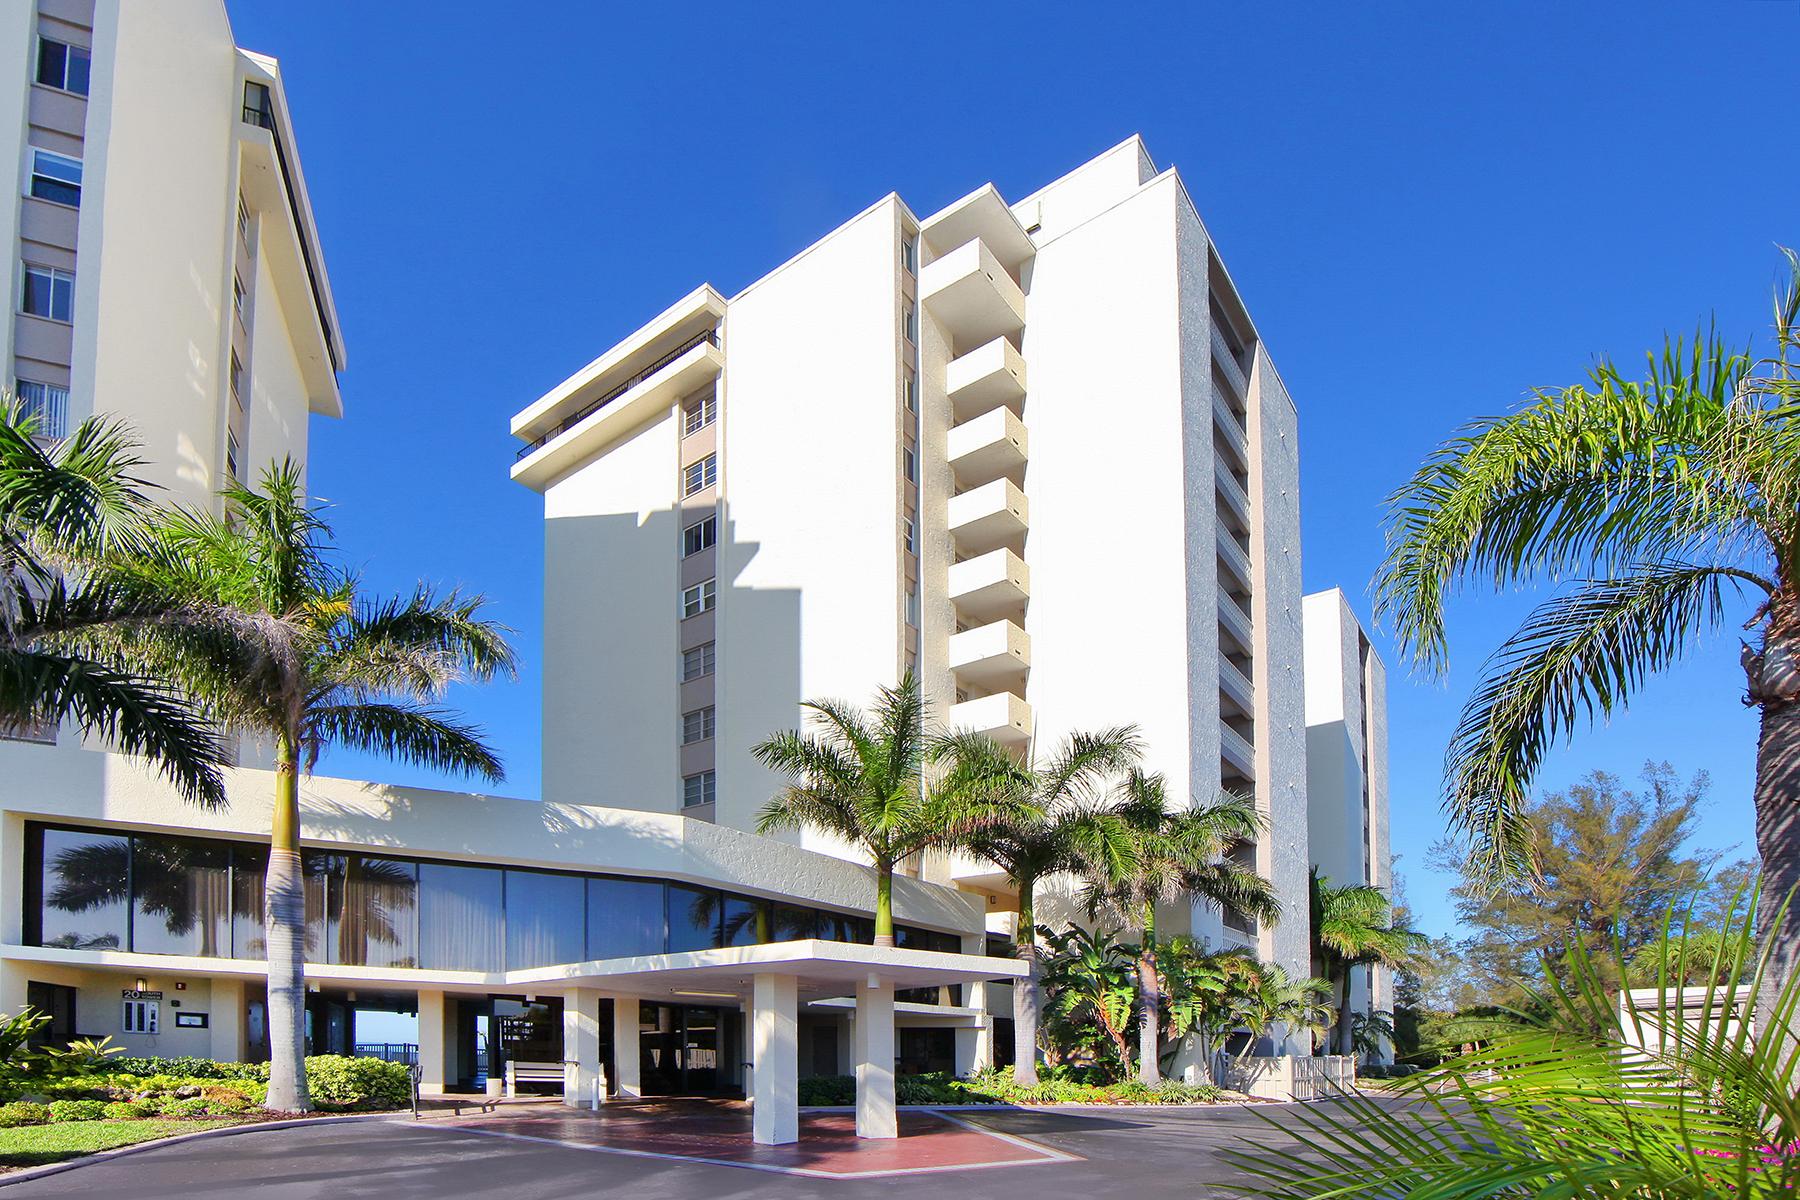 콘도미니엄 용 매매 에 WHISPERING SANDS 19 Whispering Sands Dr 1001 Sarasota, 플로리다, 34242 미국